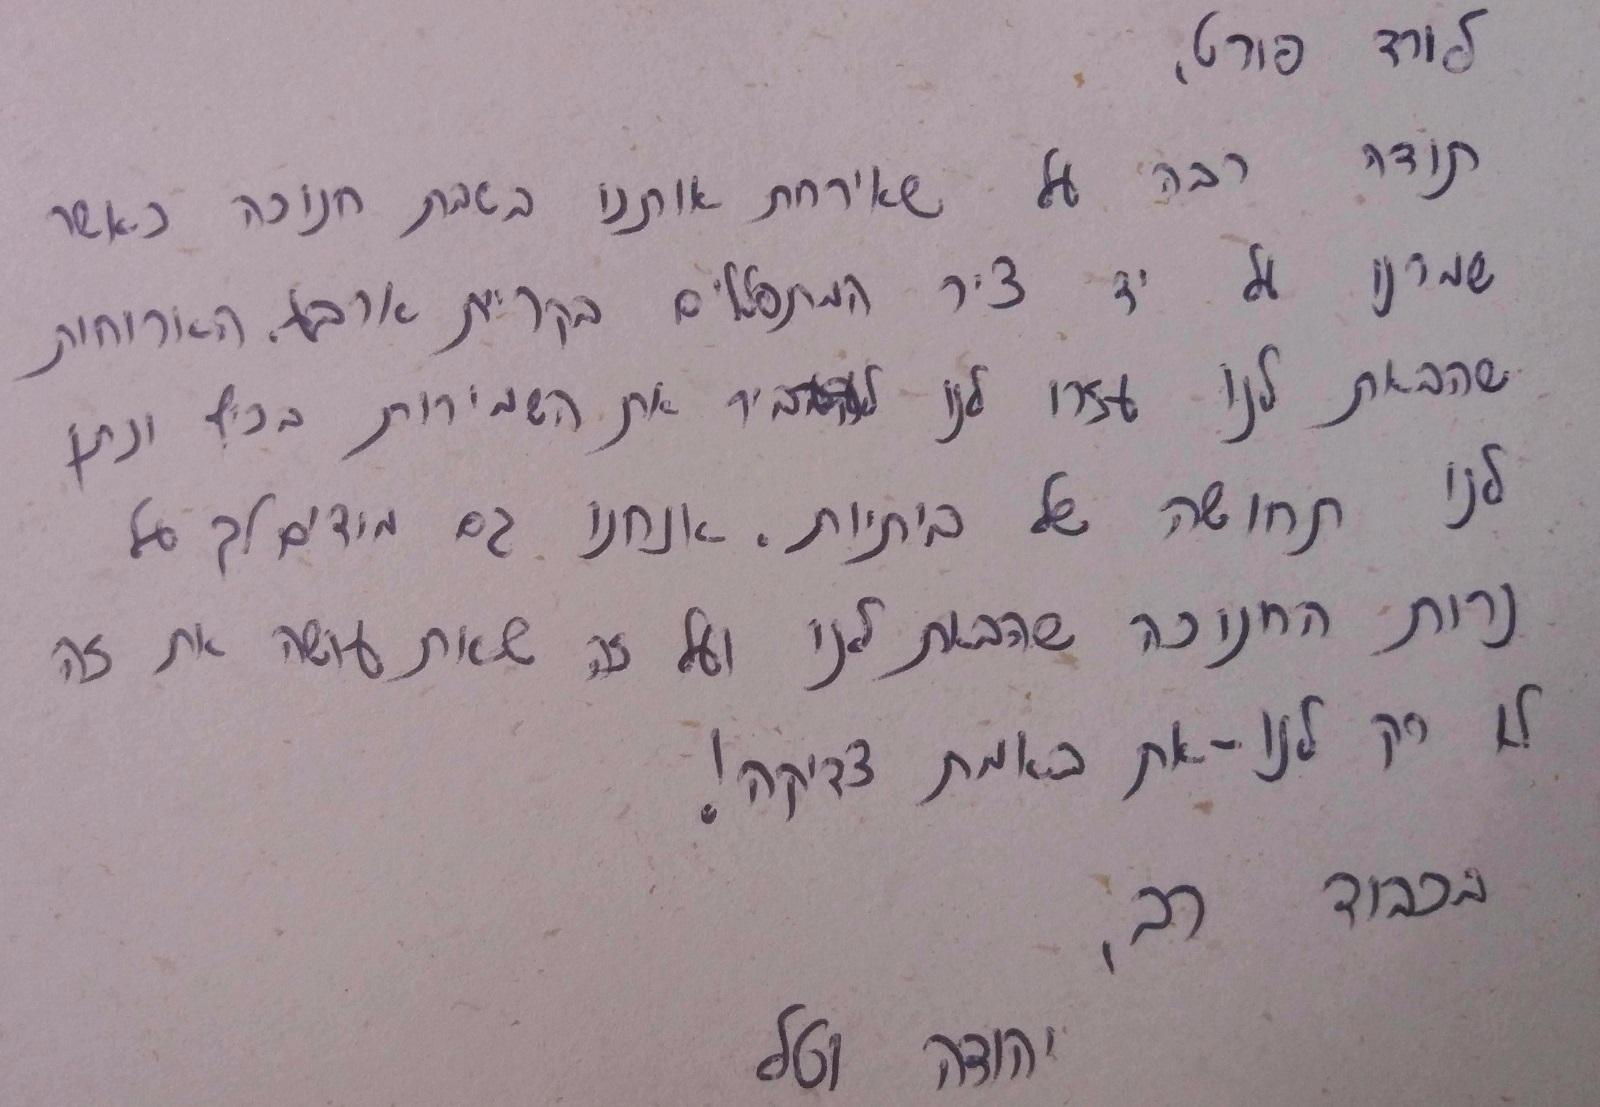 מכתב התודה של החיילים